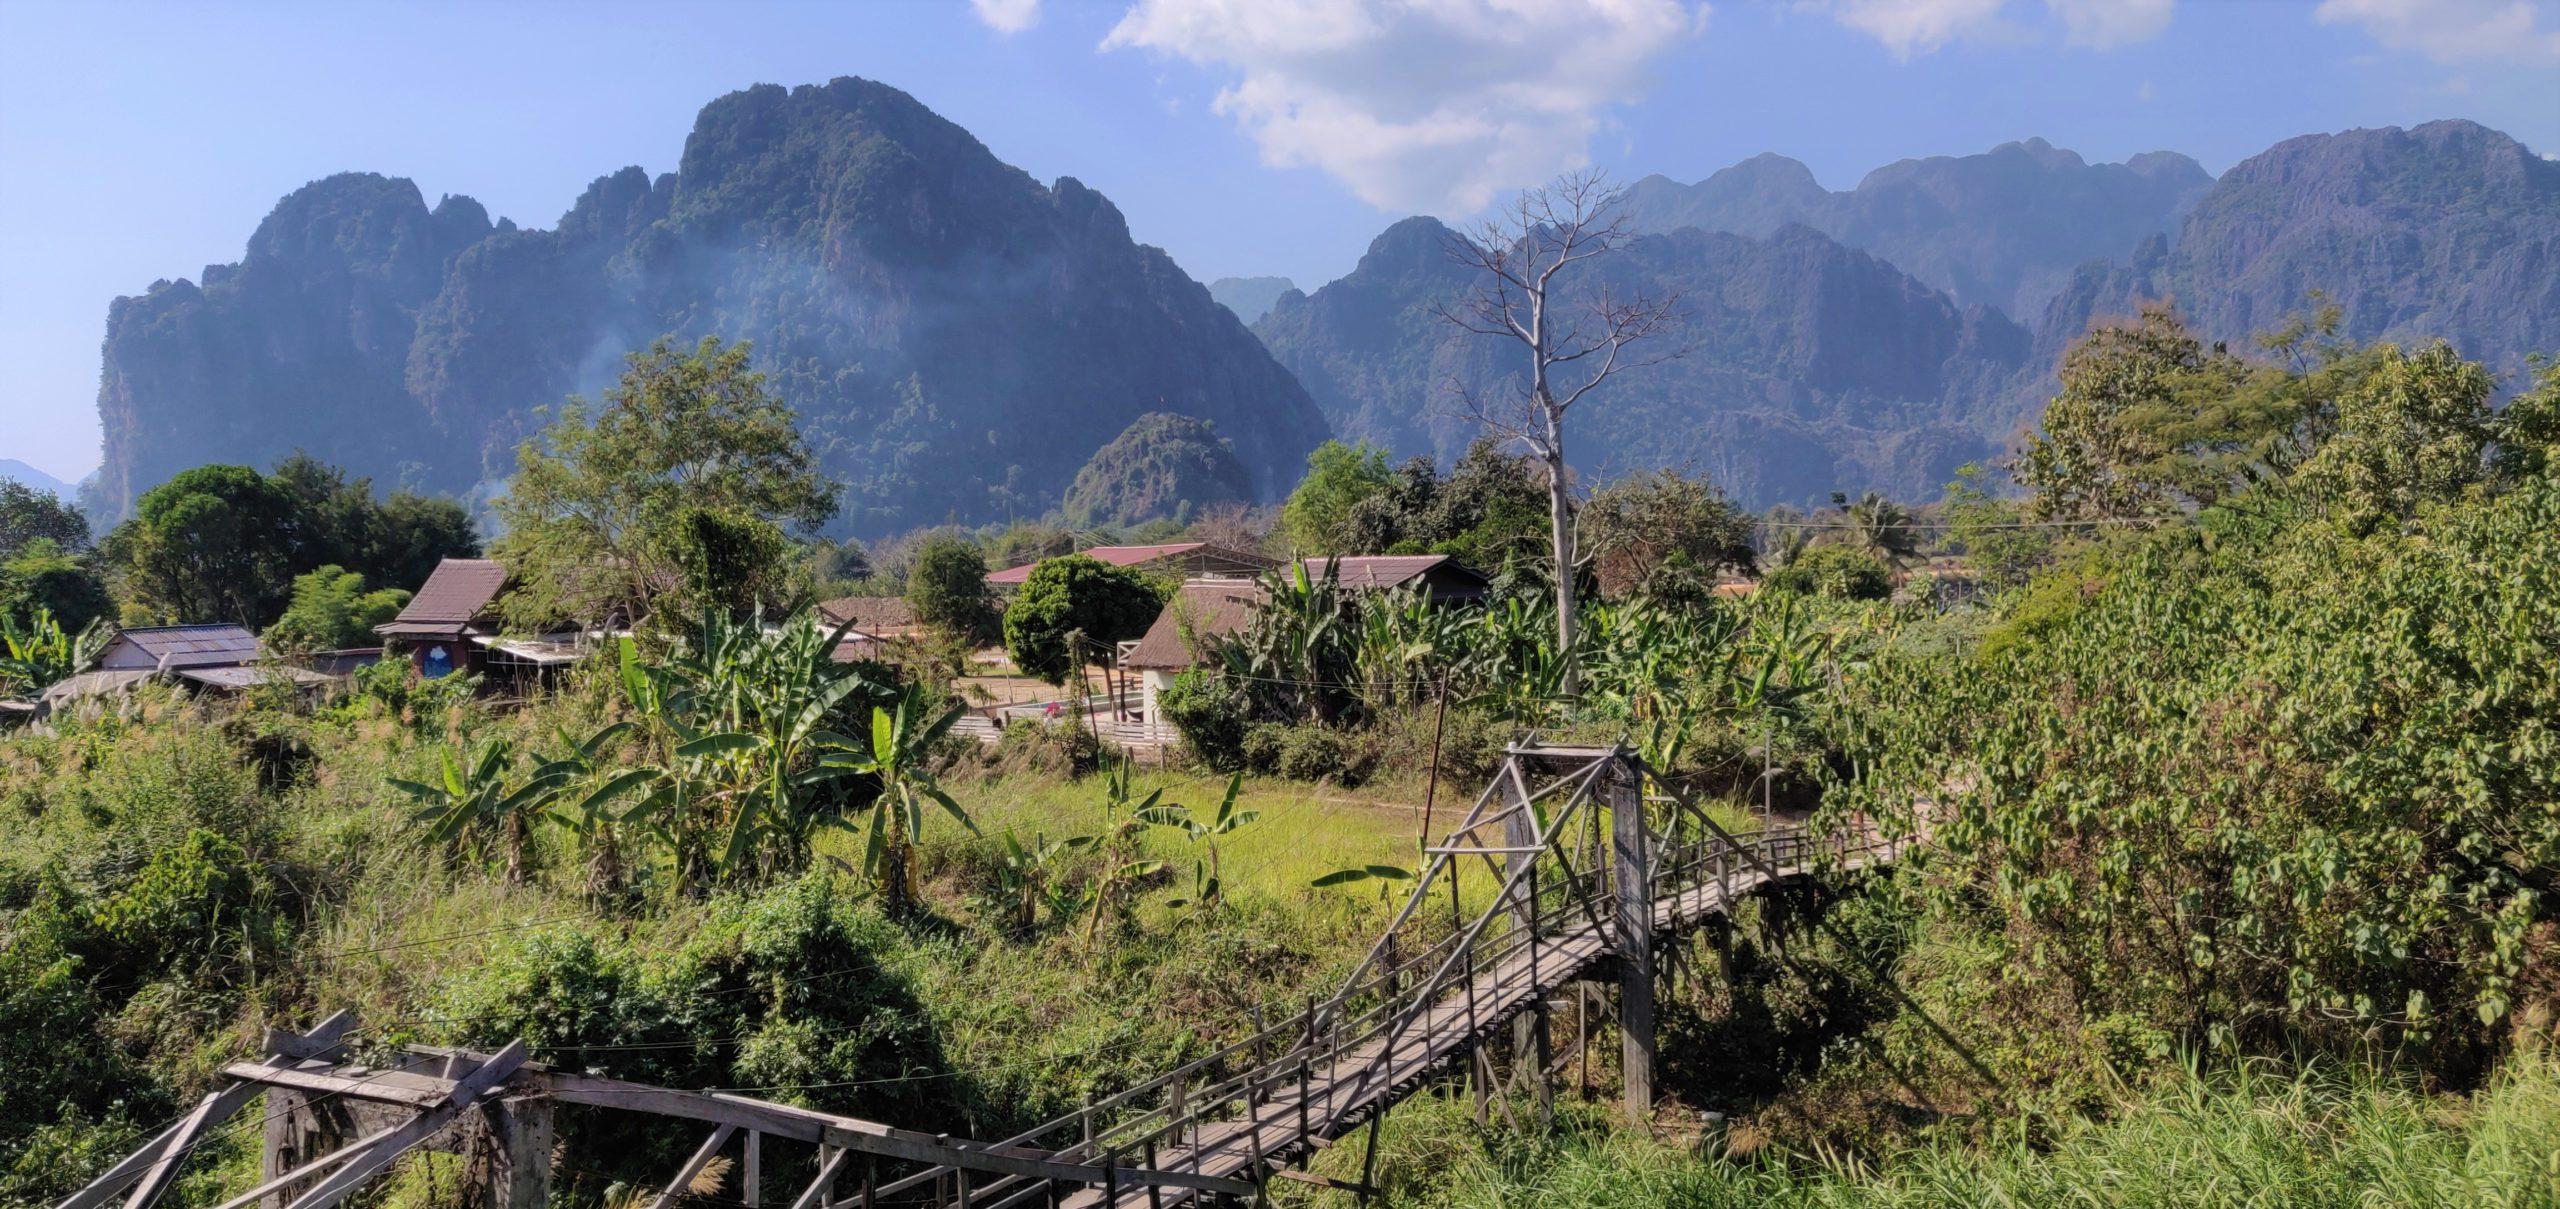 How to Enjoy Vang Vieng as an Upmarket Traveller